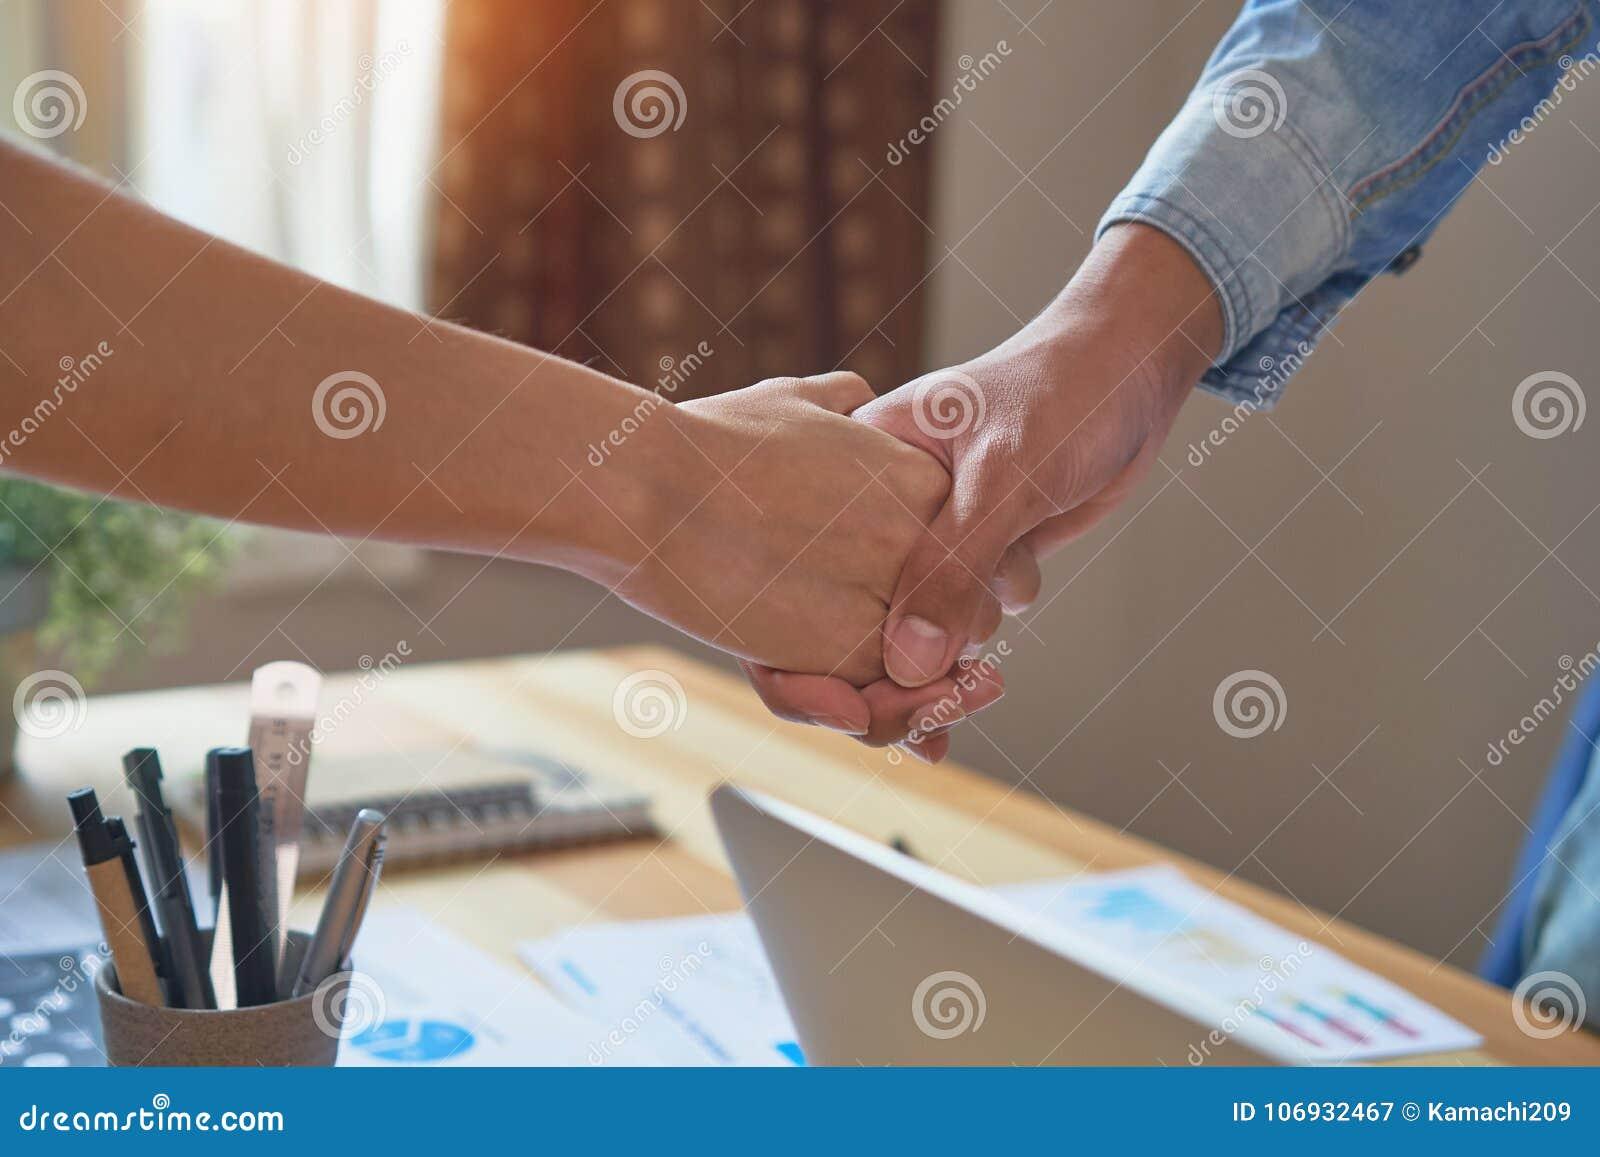 Mãos comum de dois homens de negócios após ter negociado um acordo bem sucedido do negócio, e o aperto de mão junto